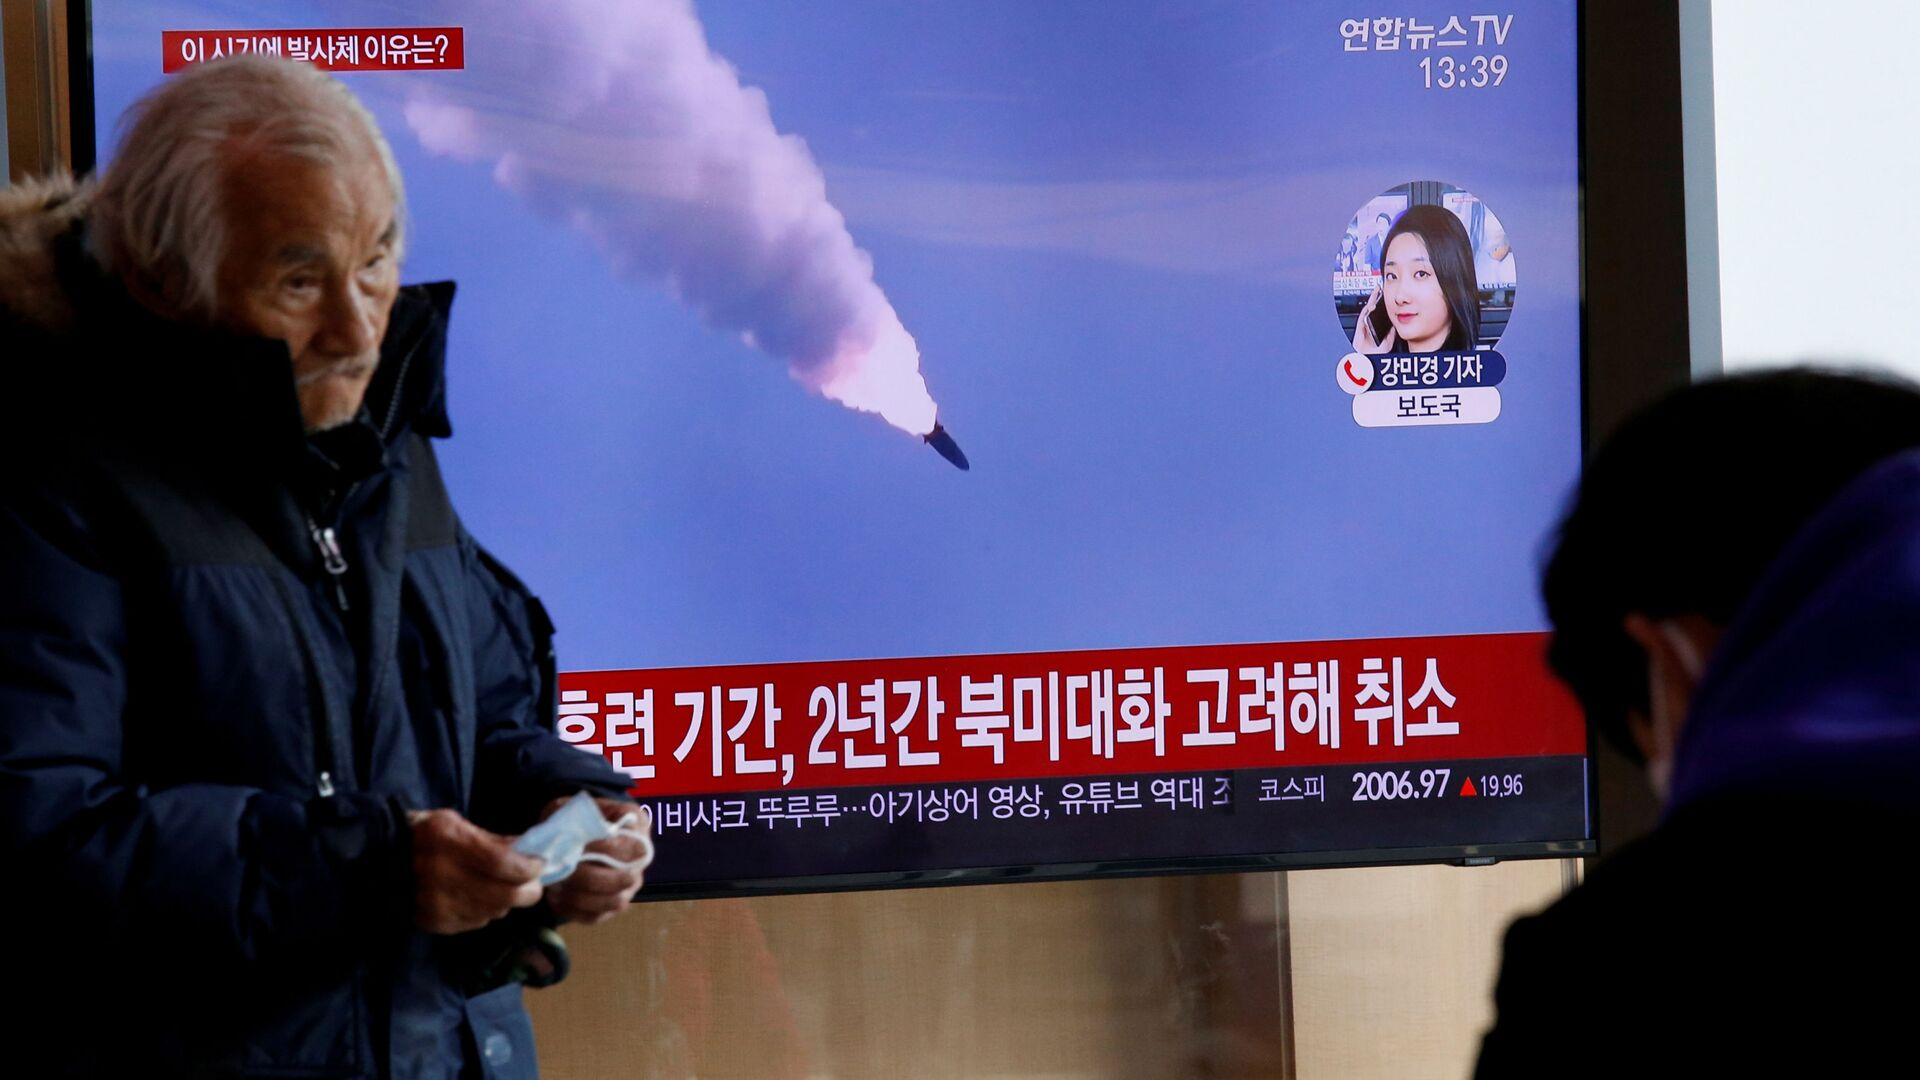 Мужчина проходит мимо телевизора, демонстрирующего полет северокорейских ракет - Sputnik Беларусь, 1920, 28.09.2021